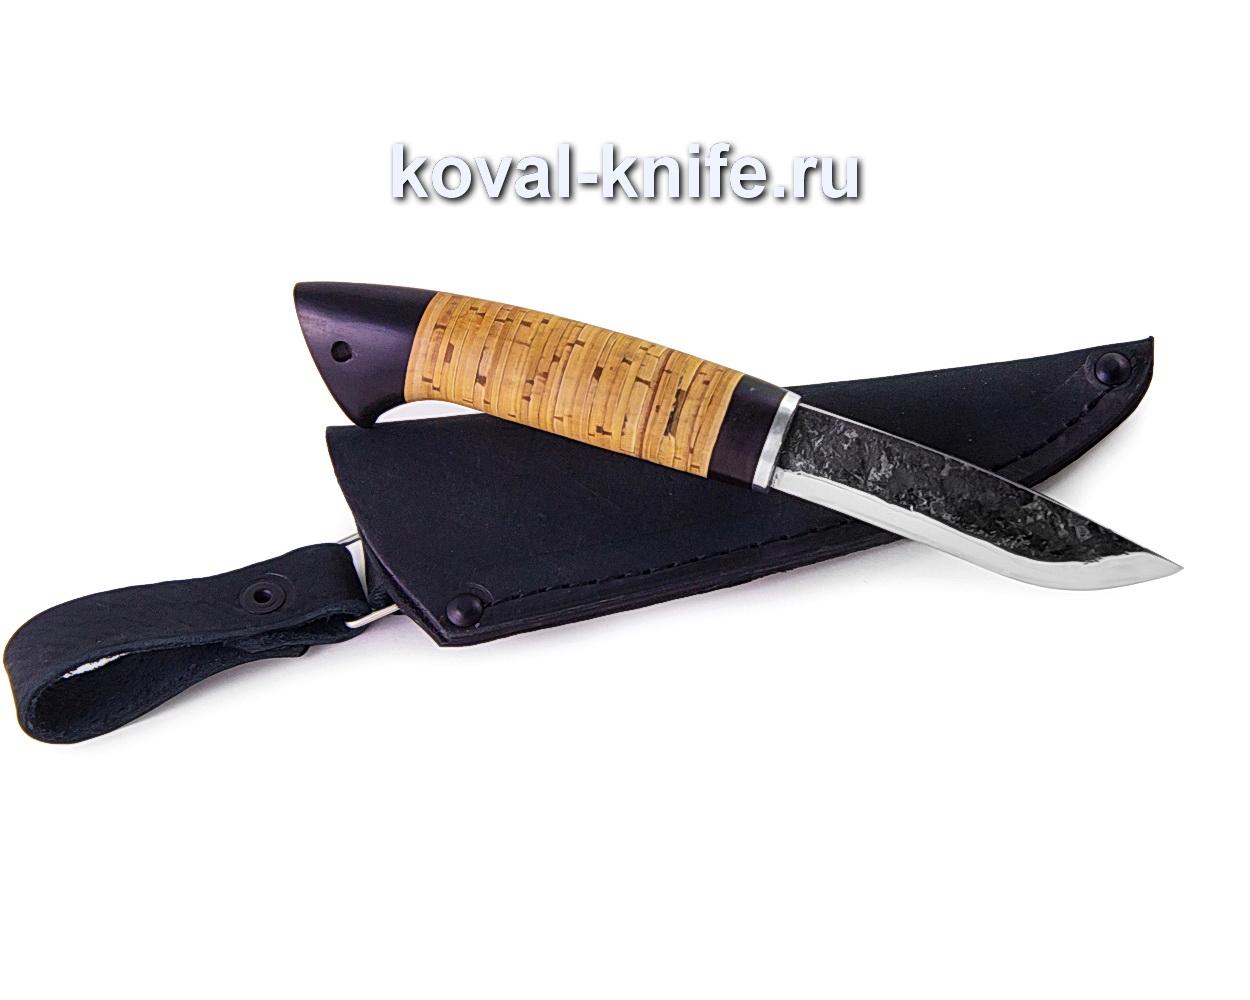 Нож Грибник из кованой стали 9хс (рукоять береста, граб) A332